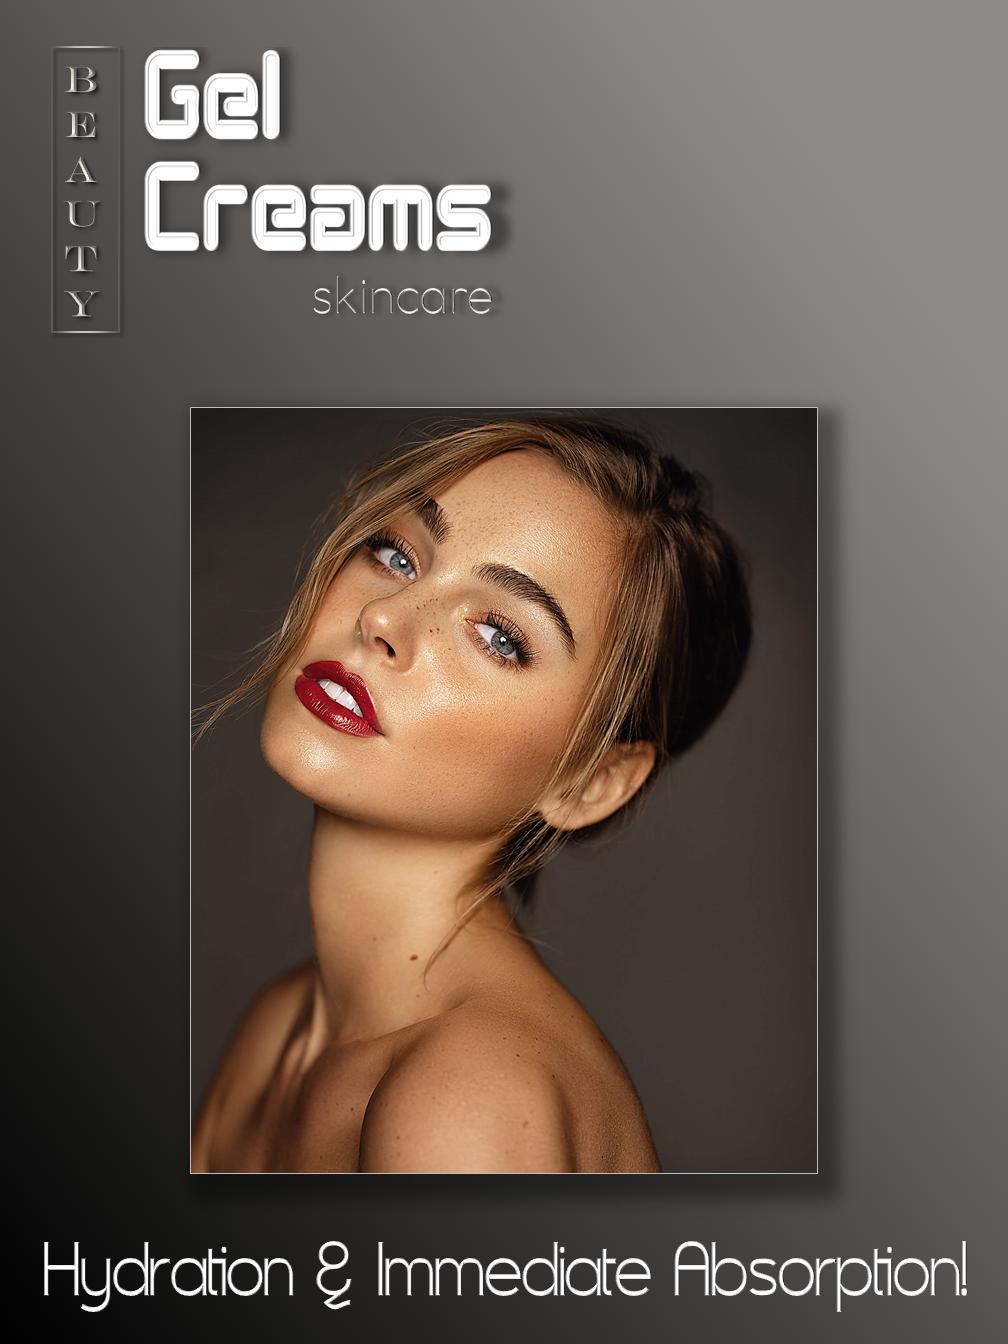 Gel Creams